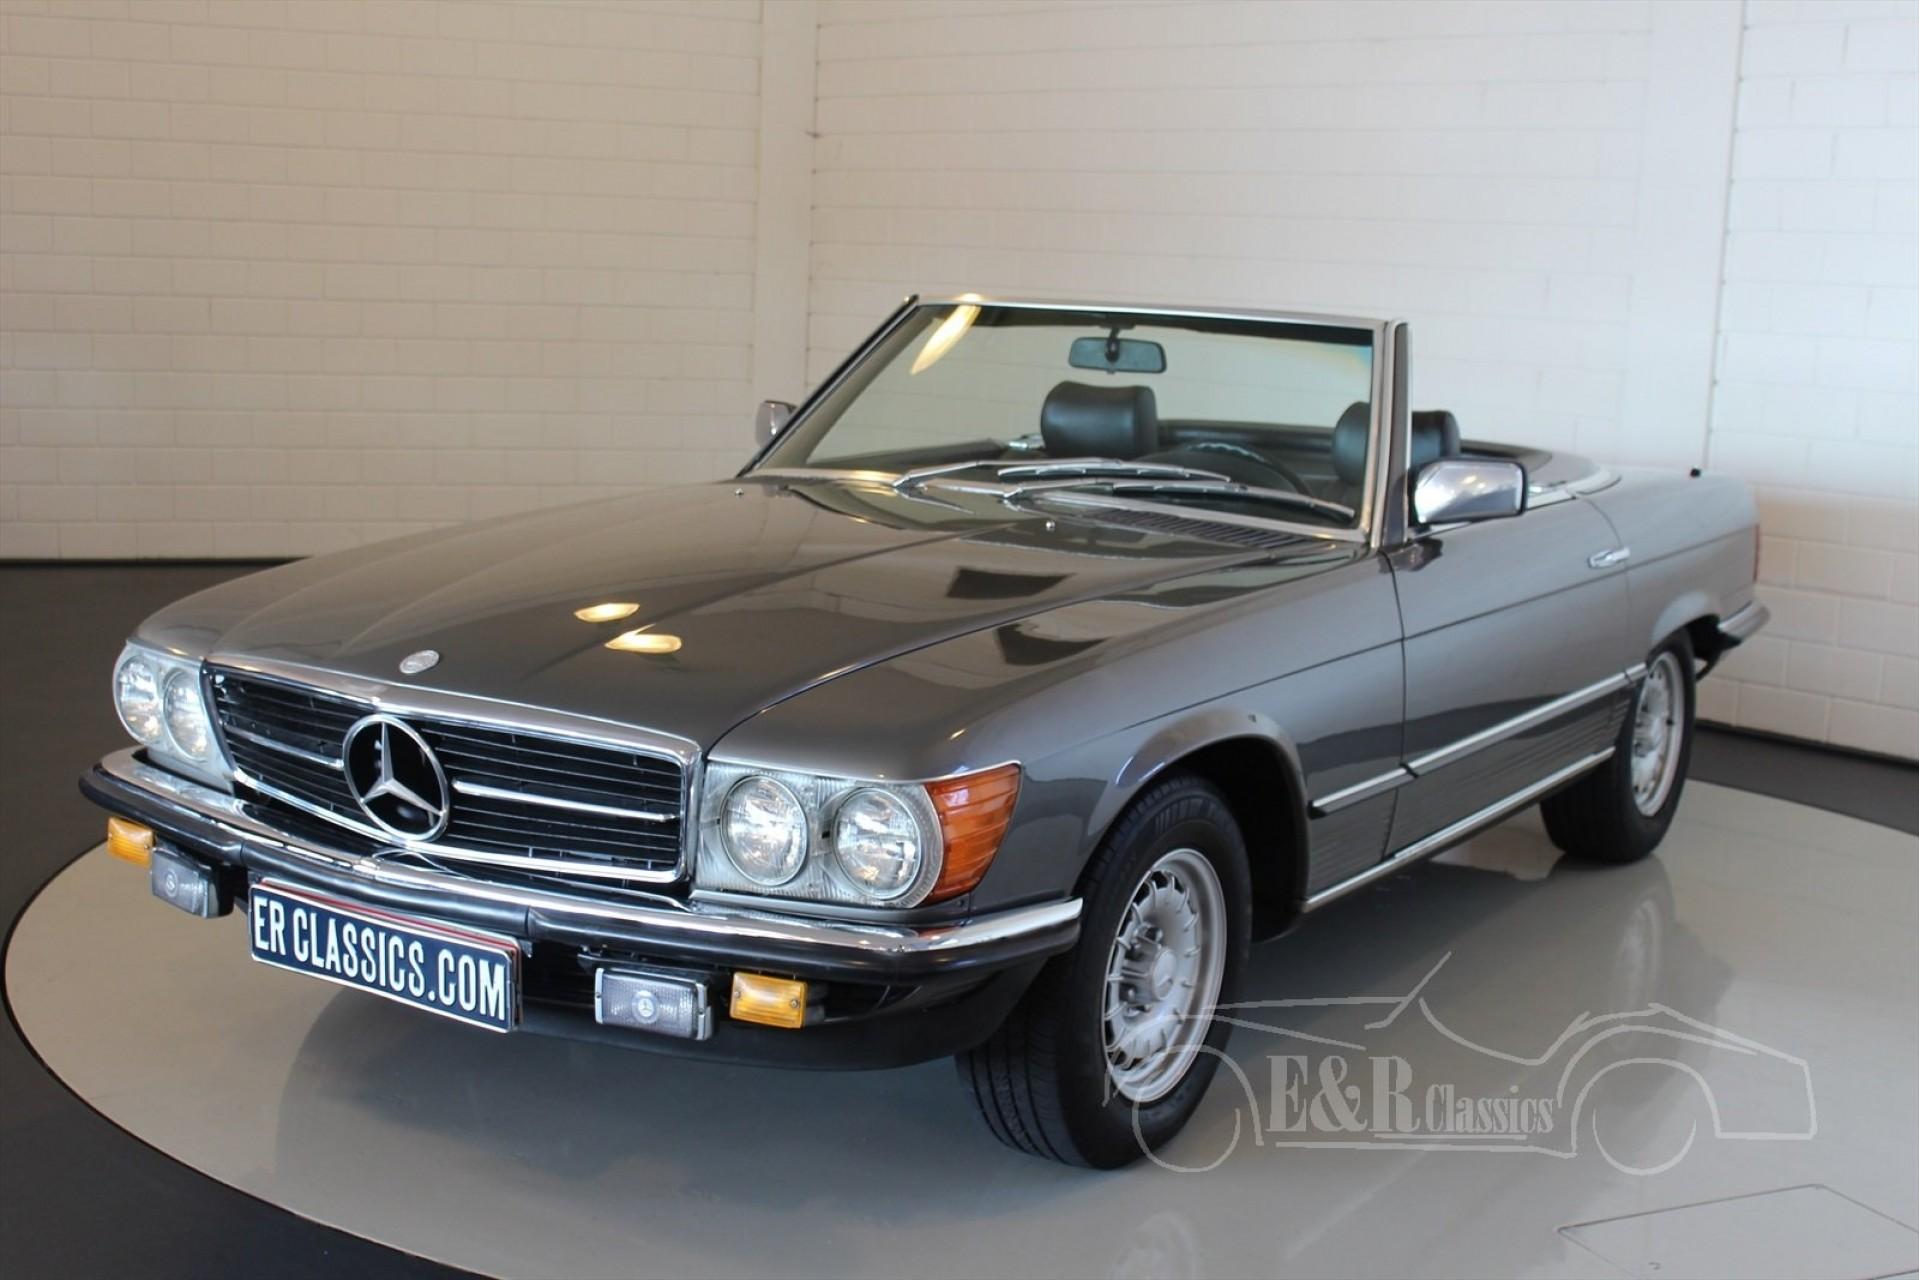 Mercedes benz sl 280 cabriolet 1980 for sale at erclassics for Mercedes benz classics for sale